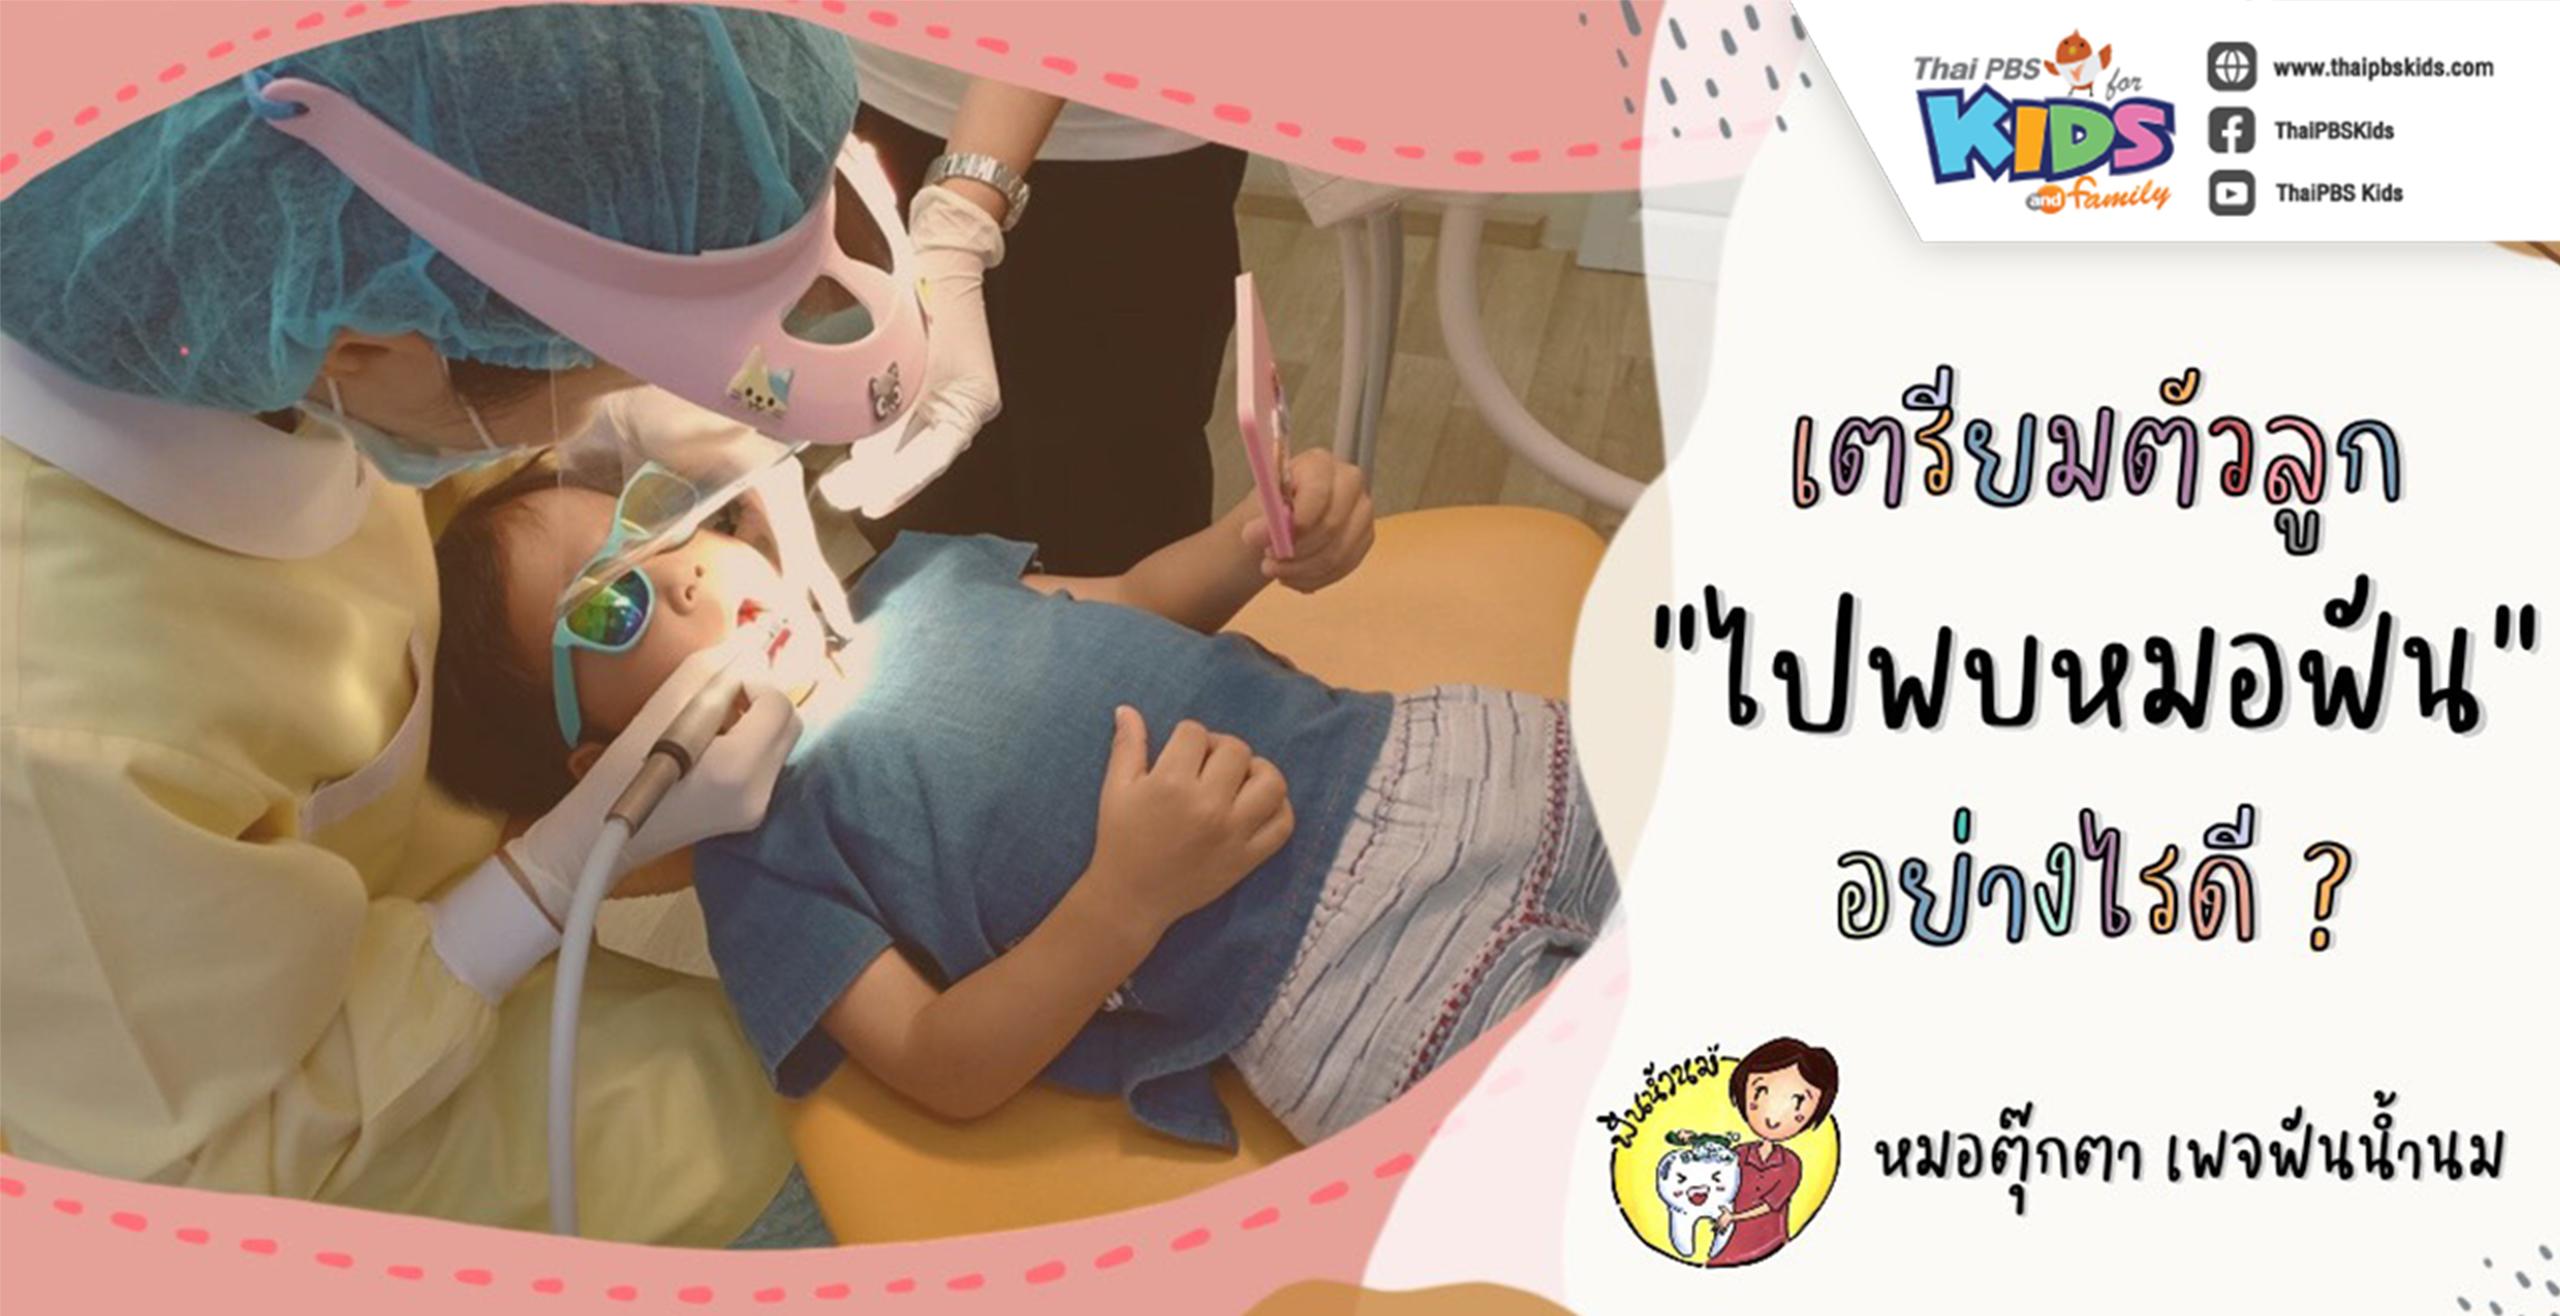 เตรียมตัวลูกก่อนไปพบหมอฟันอย่างไรดี ?